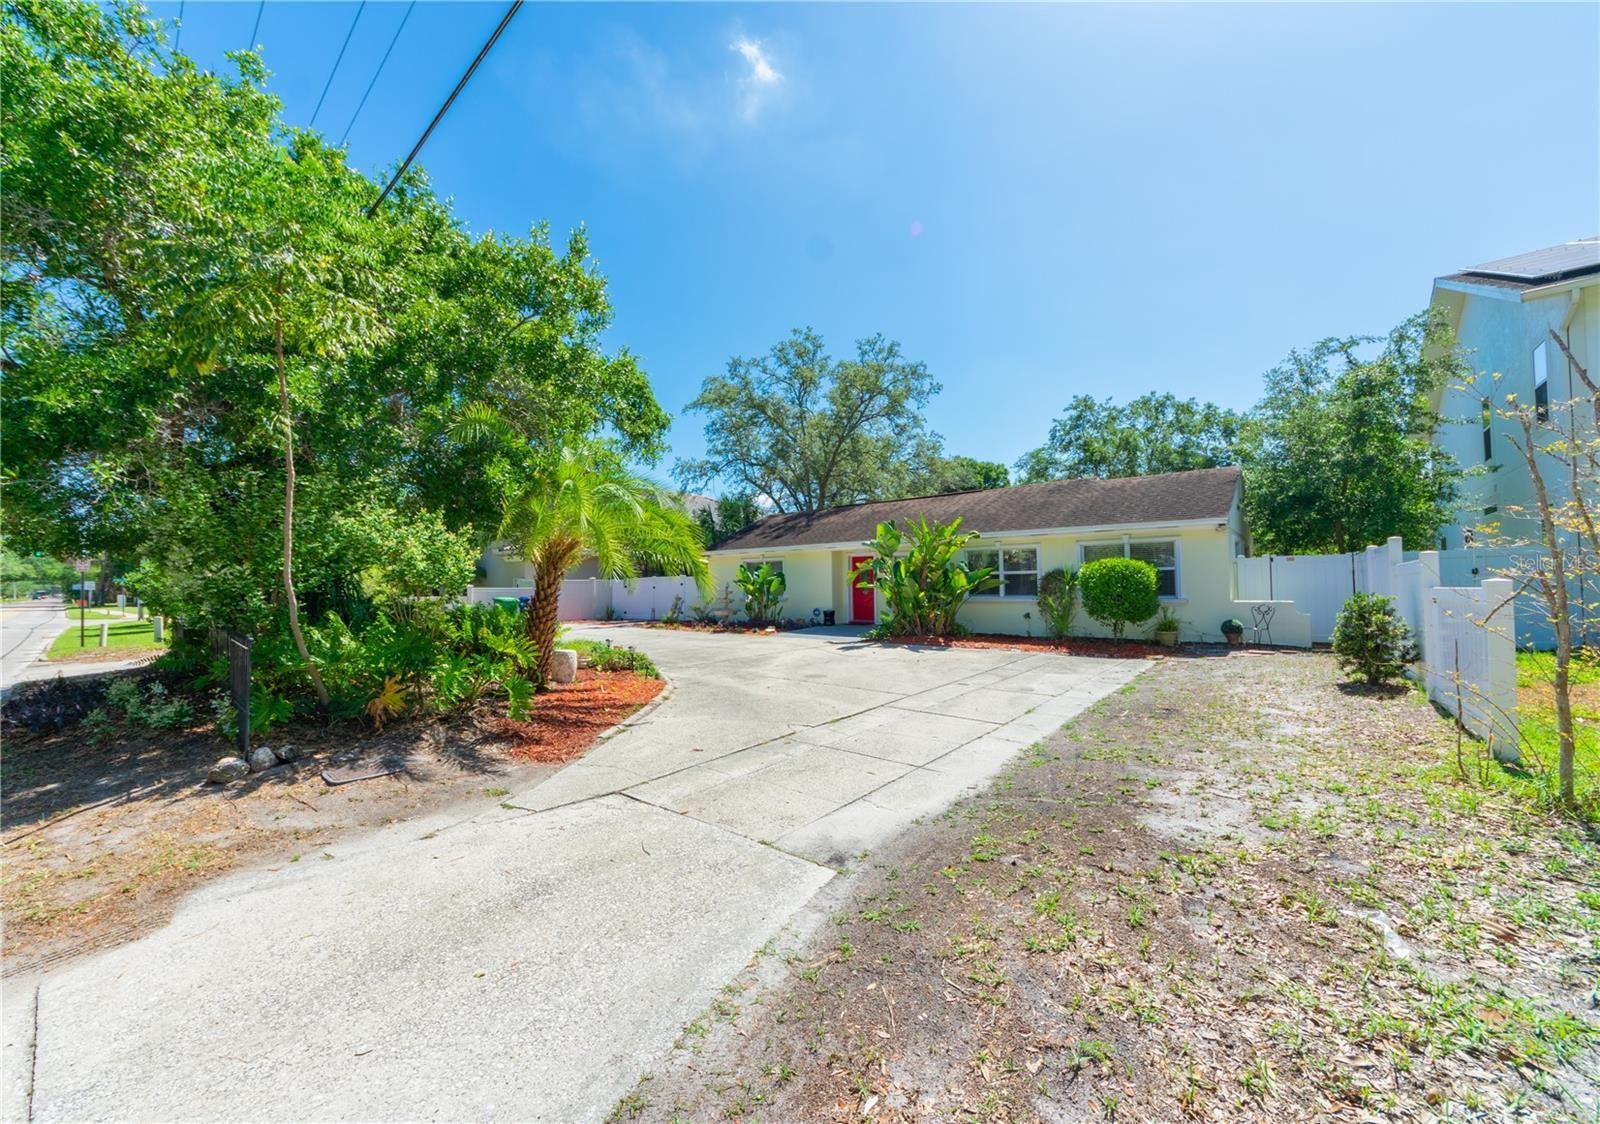 1004 S LOIS AVENUE, Tampa, FL 33629 - MLS#: T3311001